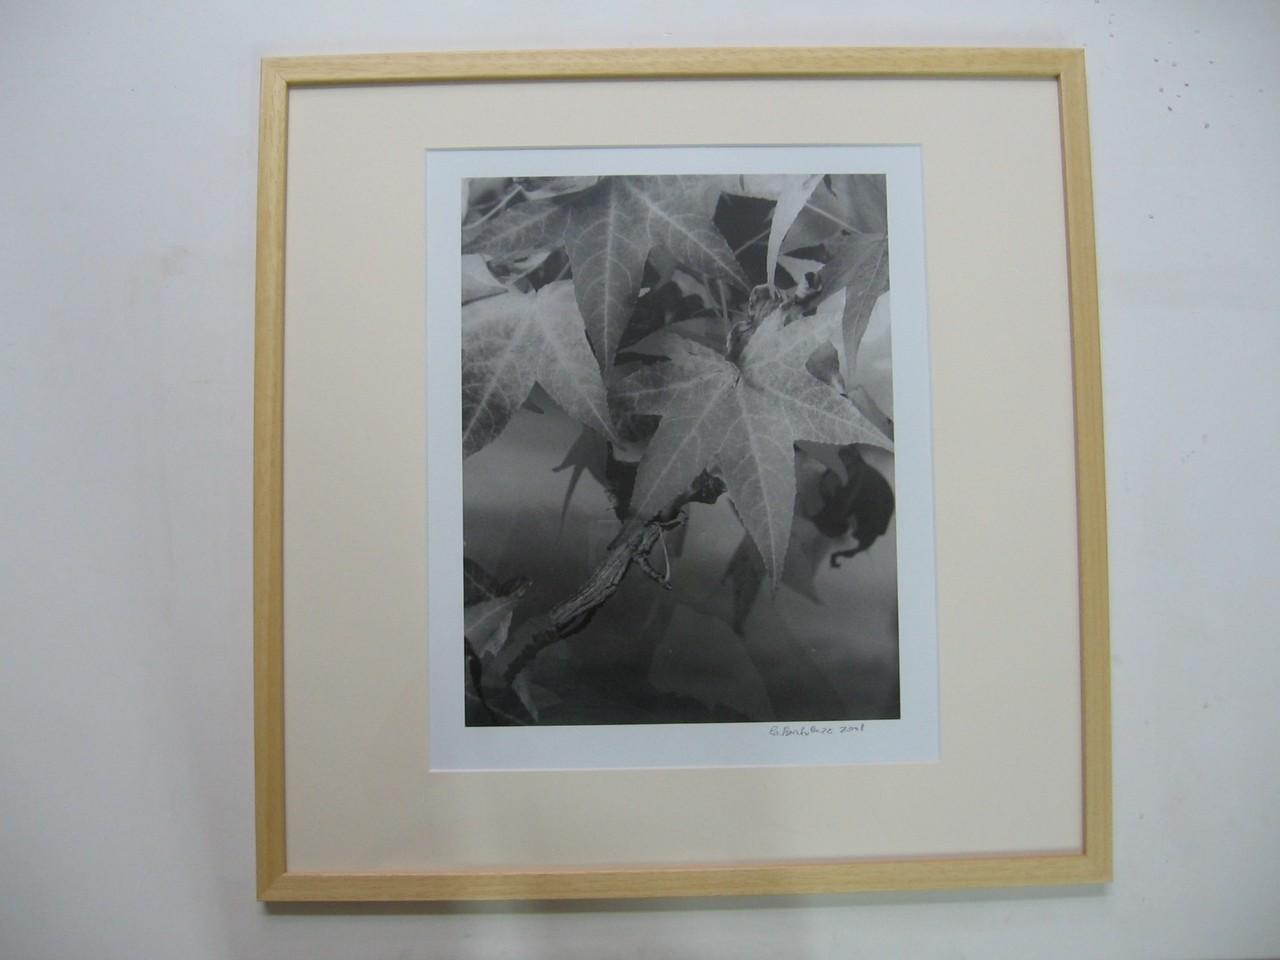 Fotografia d'autore in bianco/nero con cornice in legno naturale e passepartout a smusso.